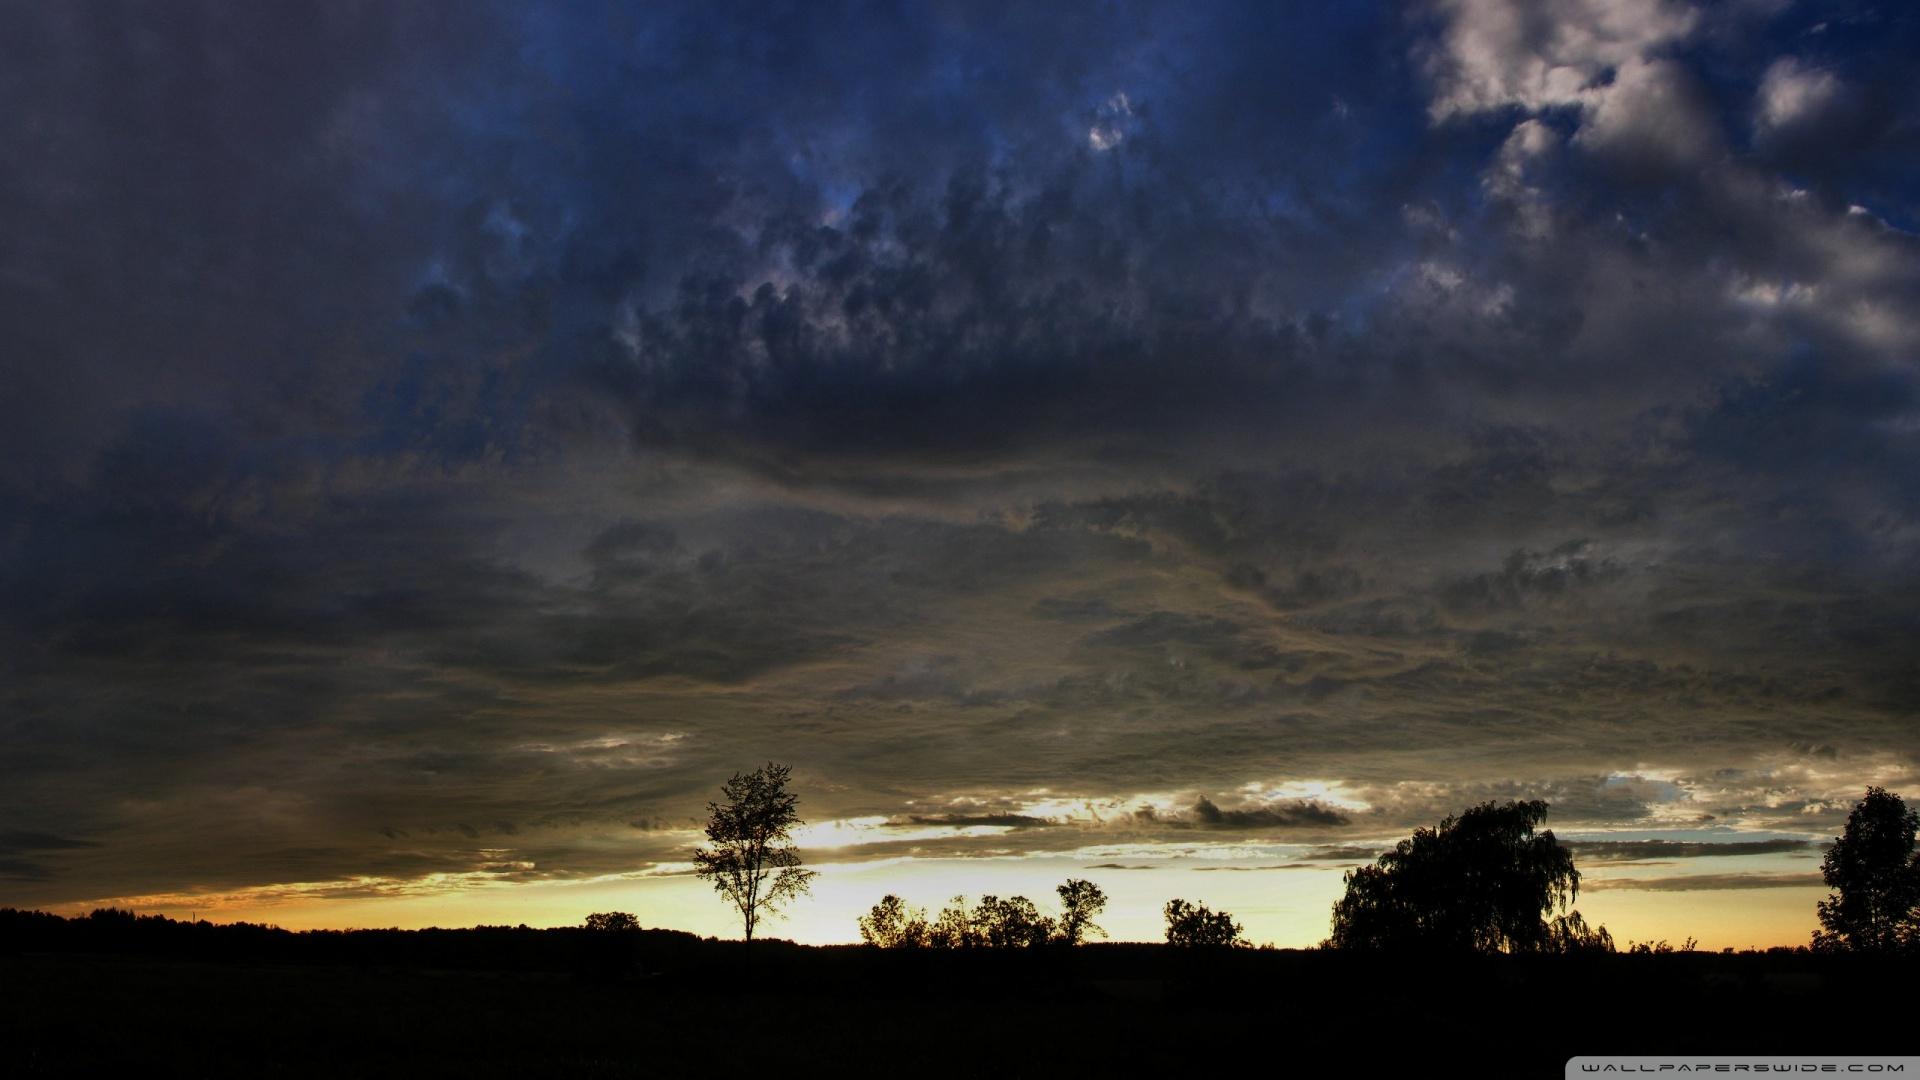 Dark Cloudy Sky Wallpaper 1920x1080 Dark Cloudy Sky 1920x1080